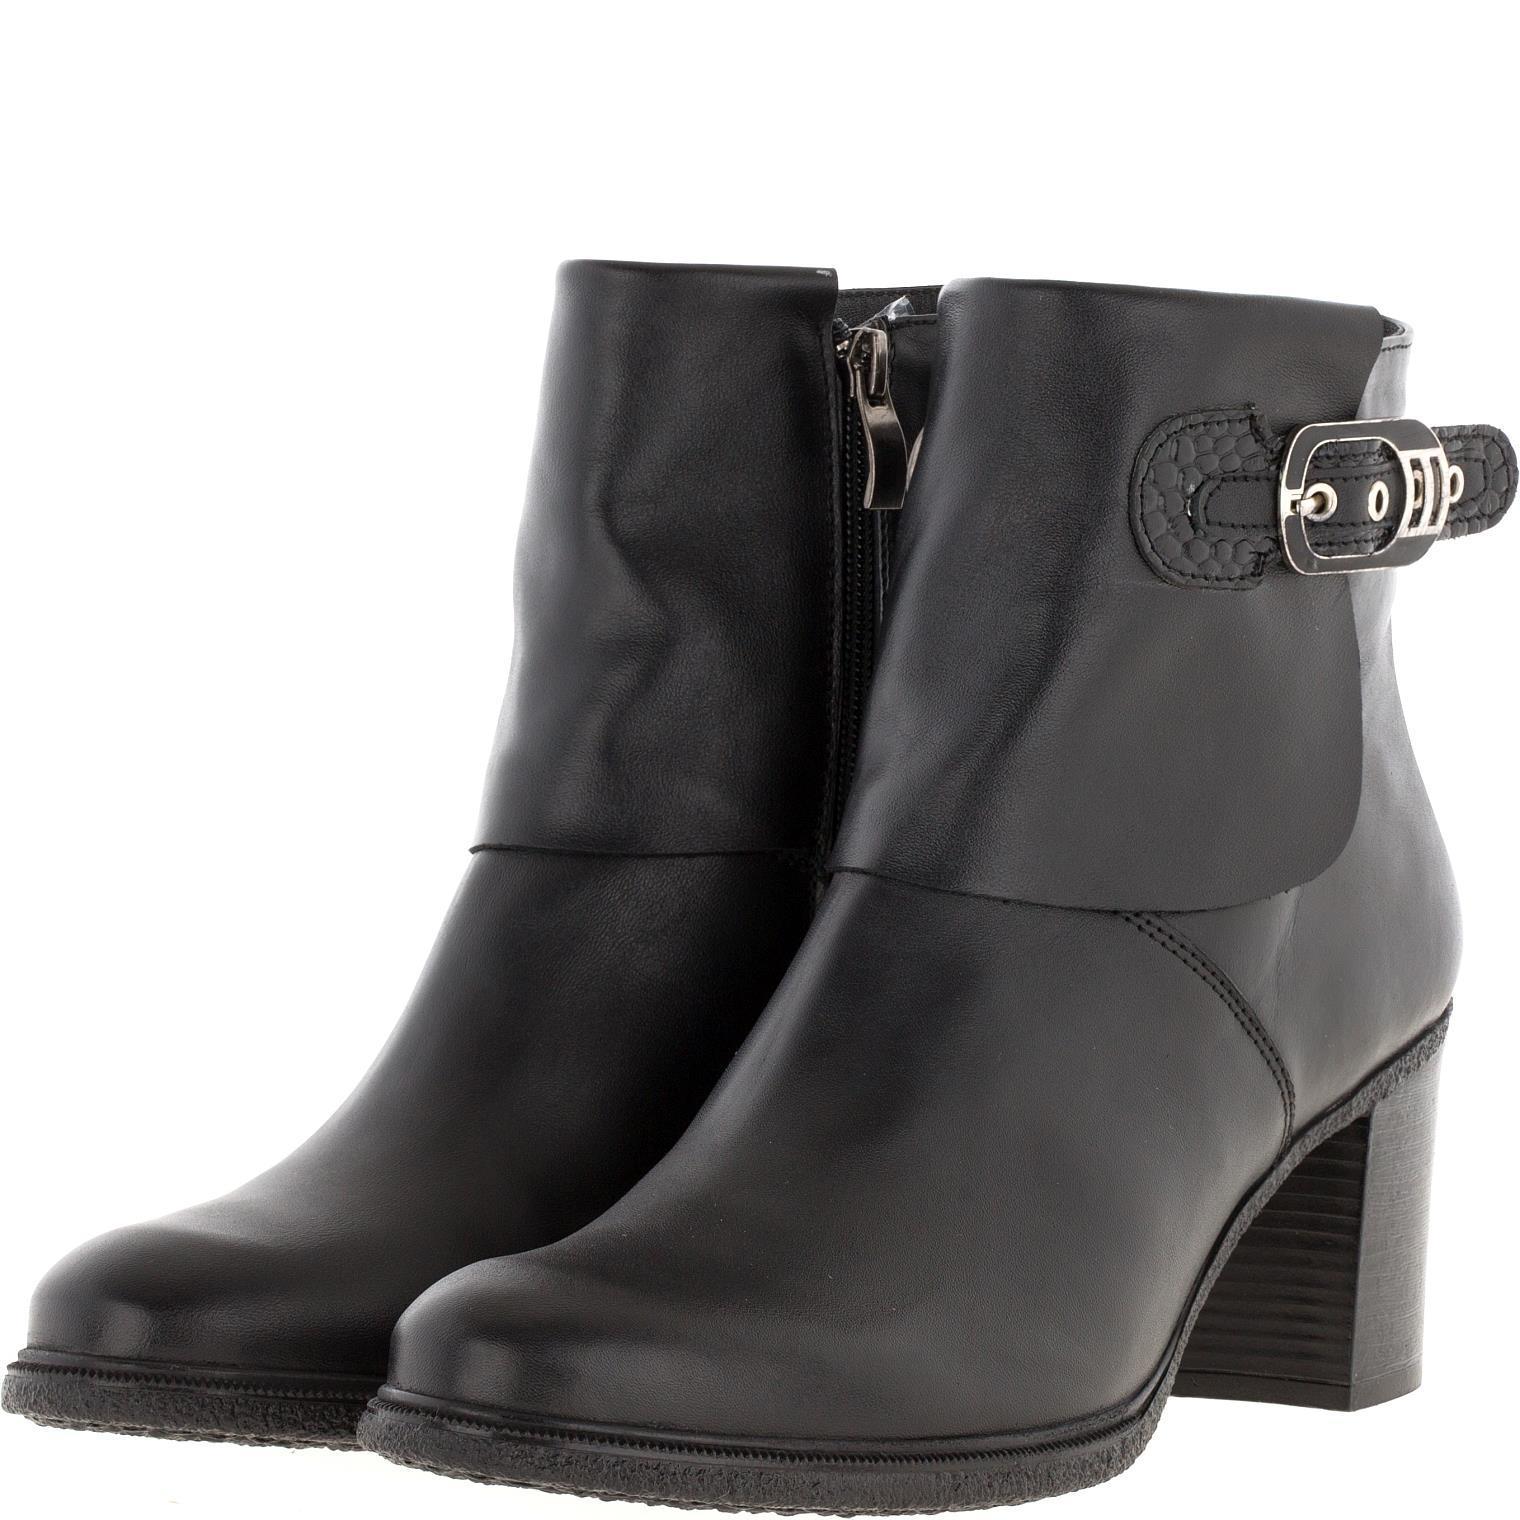 638409 Полусапожки женские черные кожа больших размеров марки Делфино